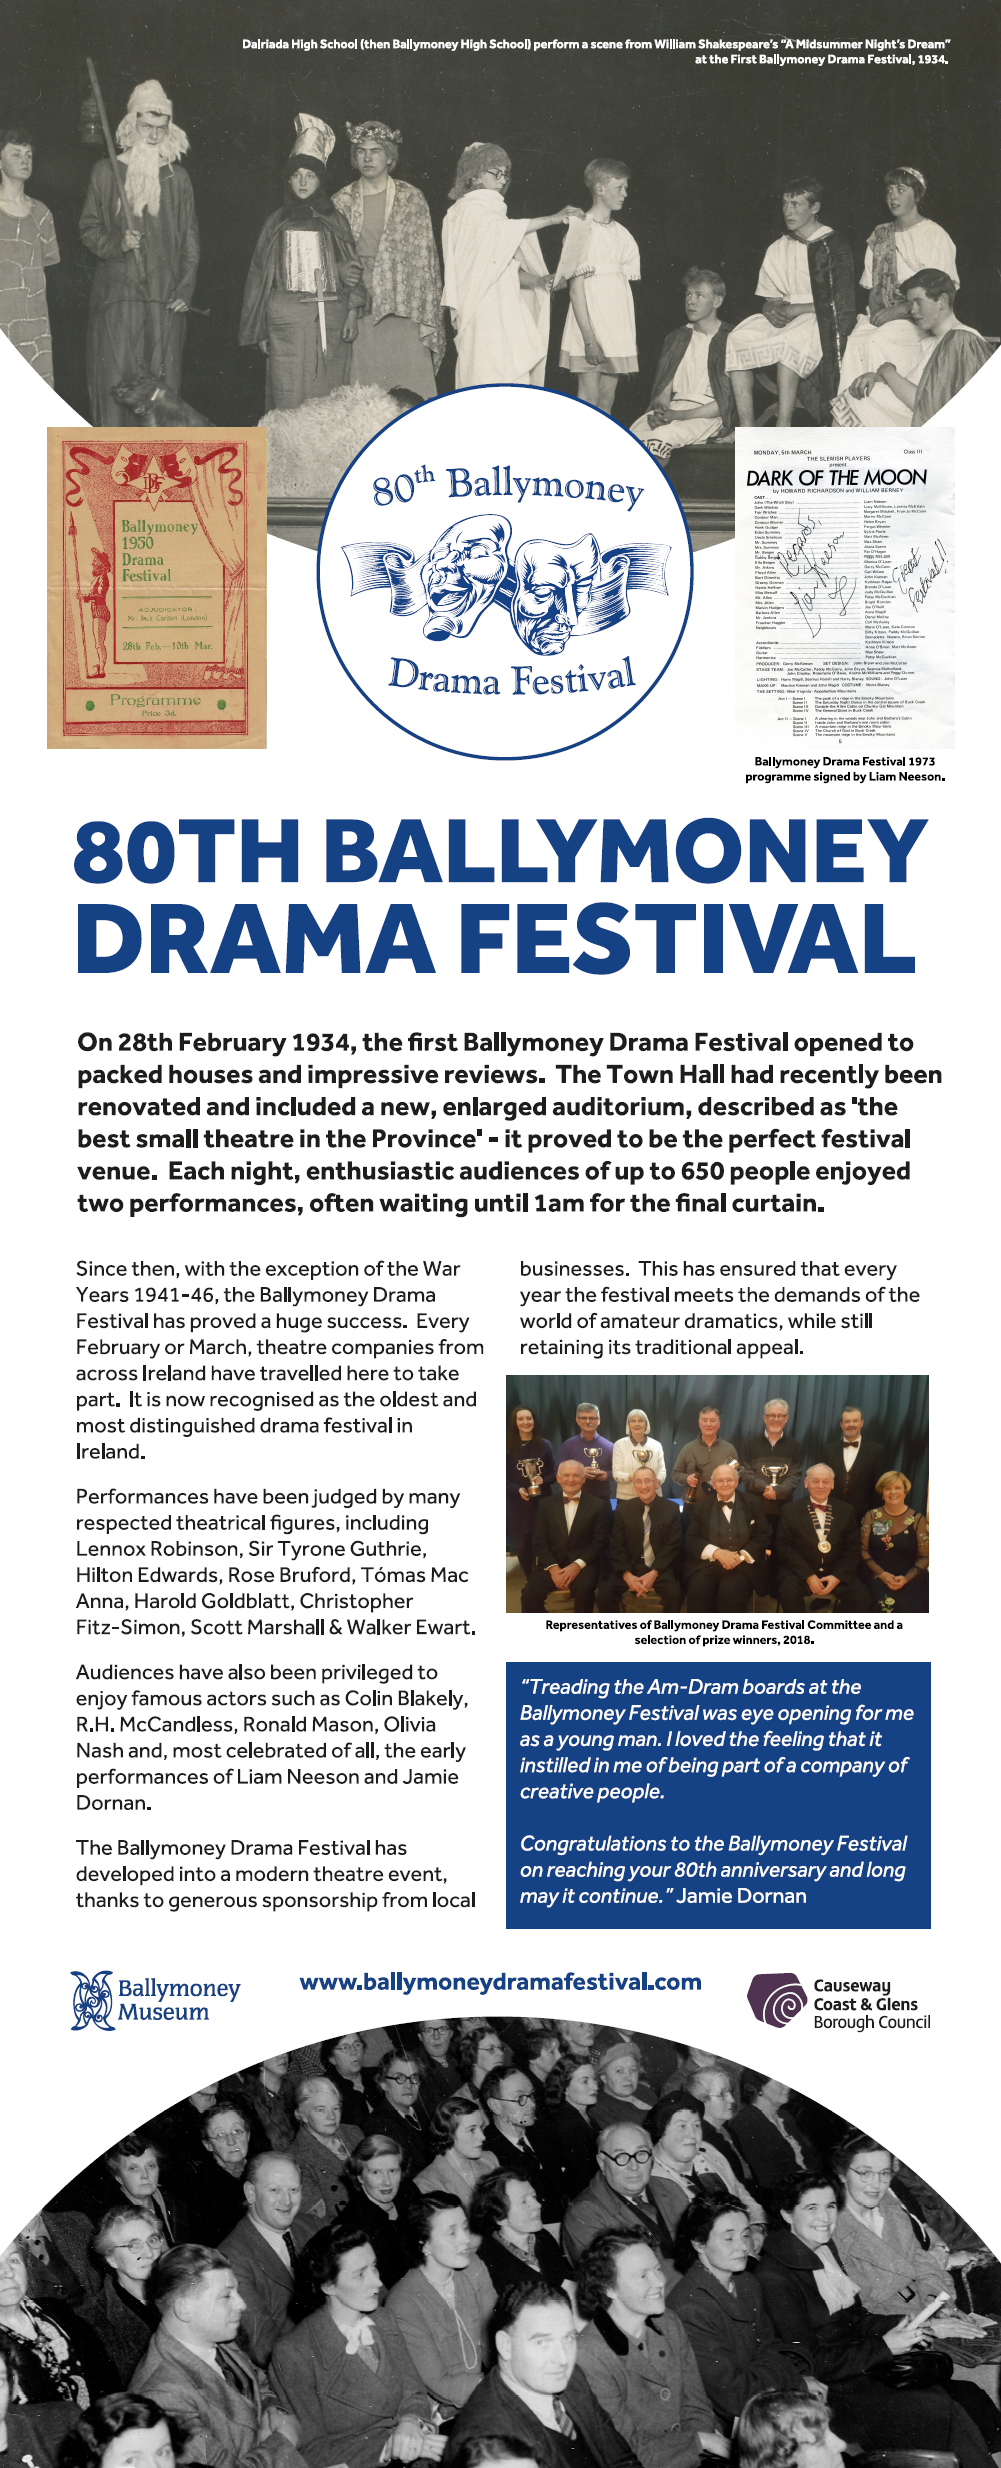 80th Ballymoney Drama Festival